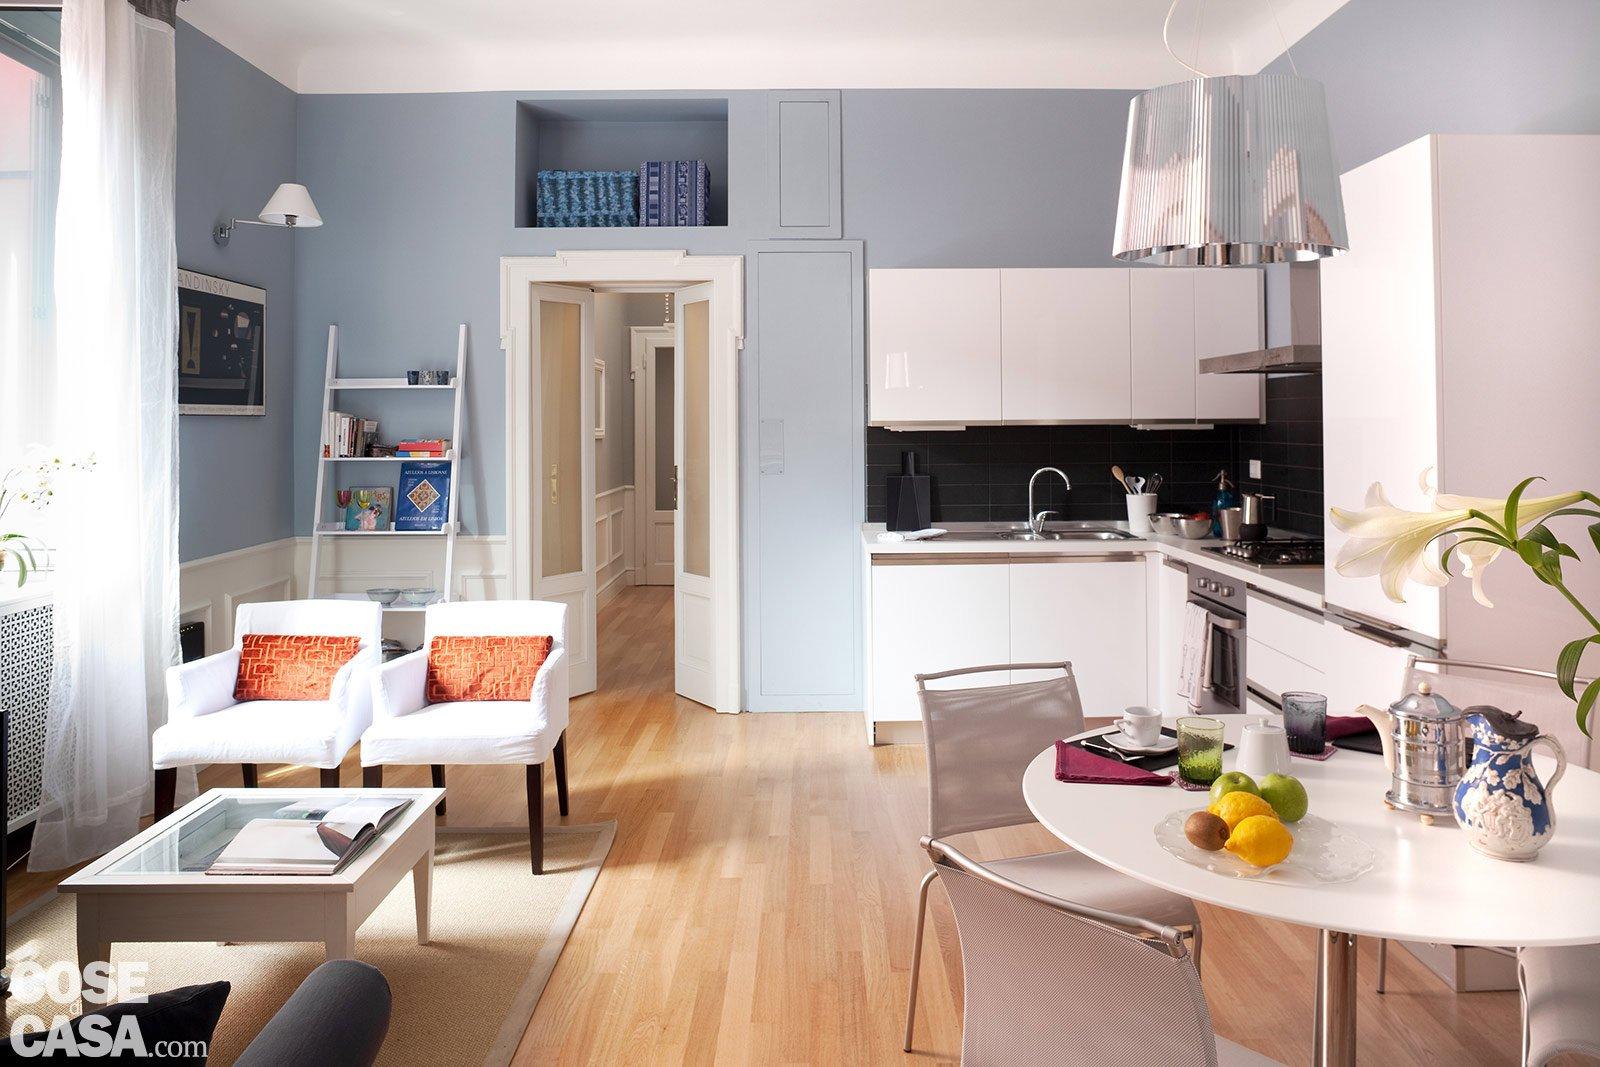 La casa per due un bilocale di classe cose di casa - Piastrelle diamantate cucina ...